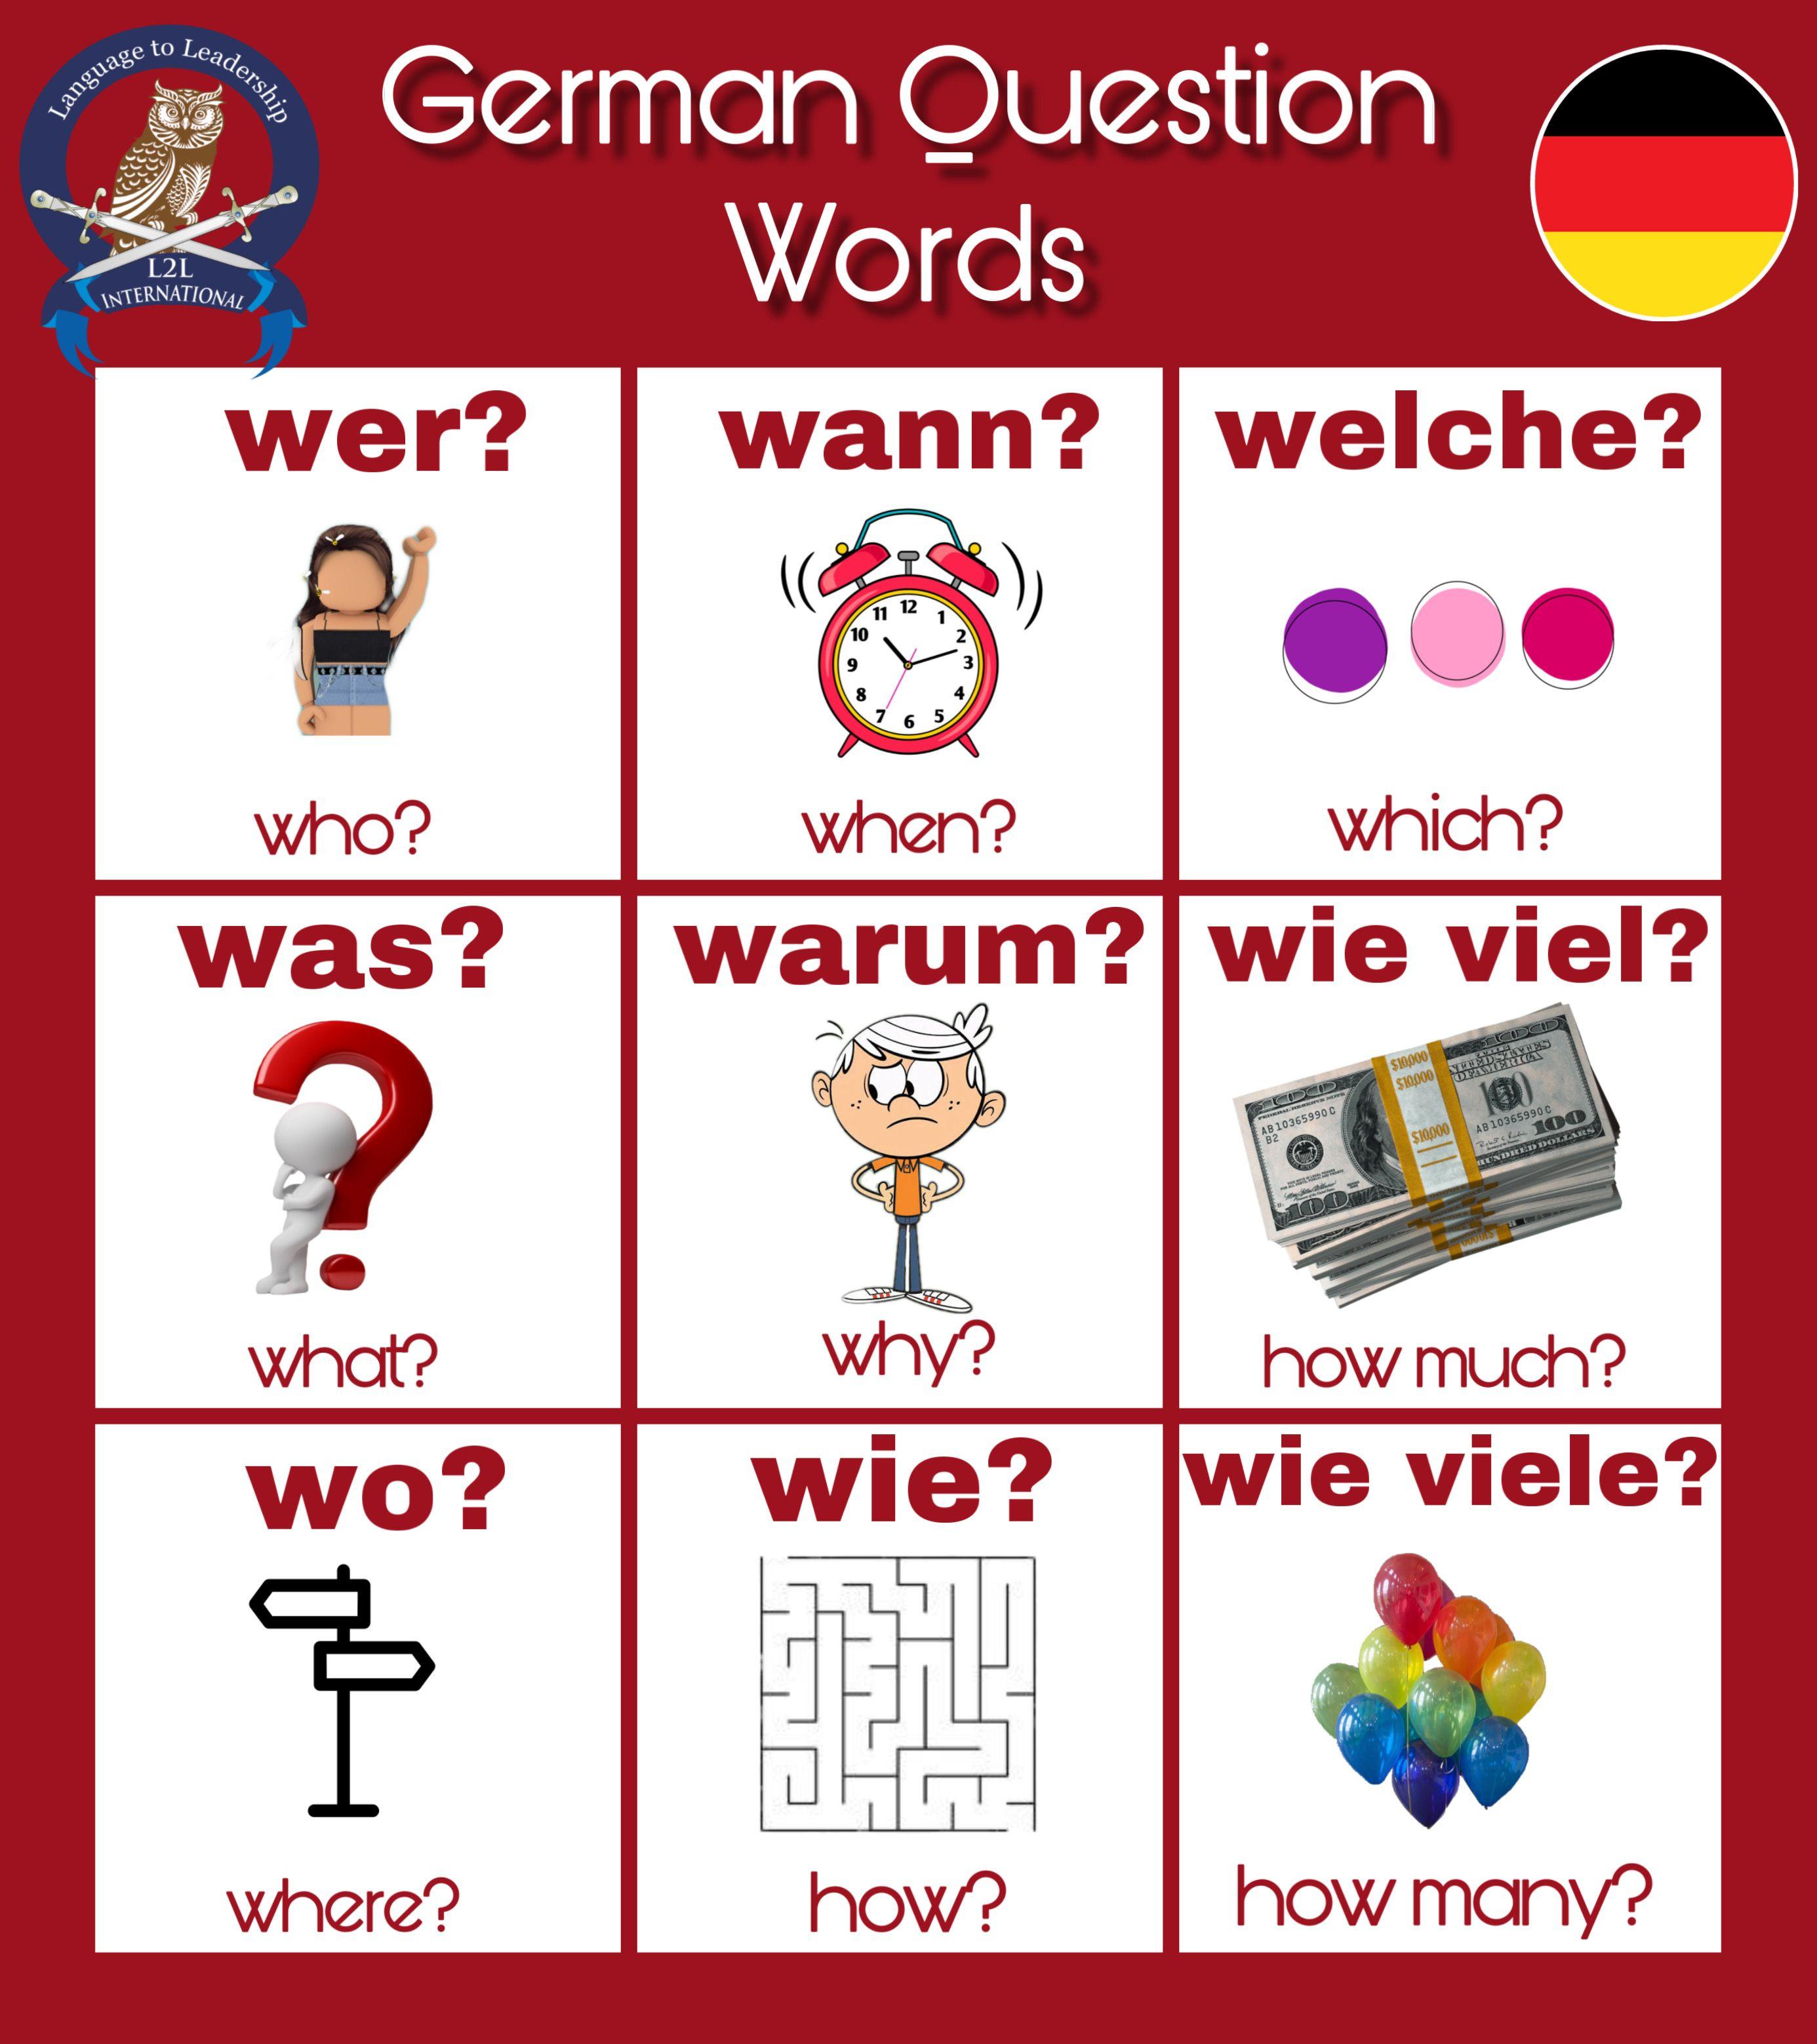 Pin by L20L International on German grammar   German grammar, This ...